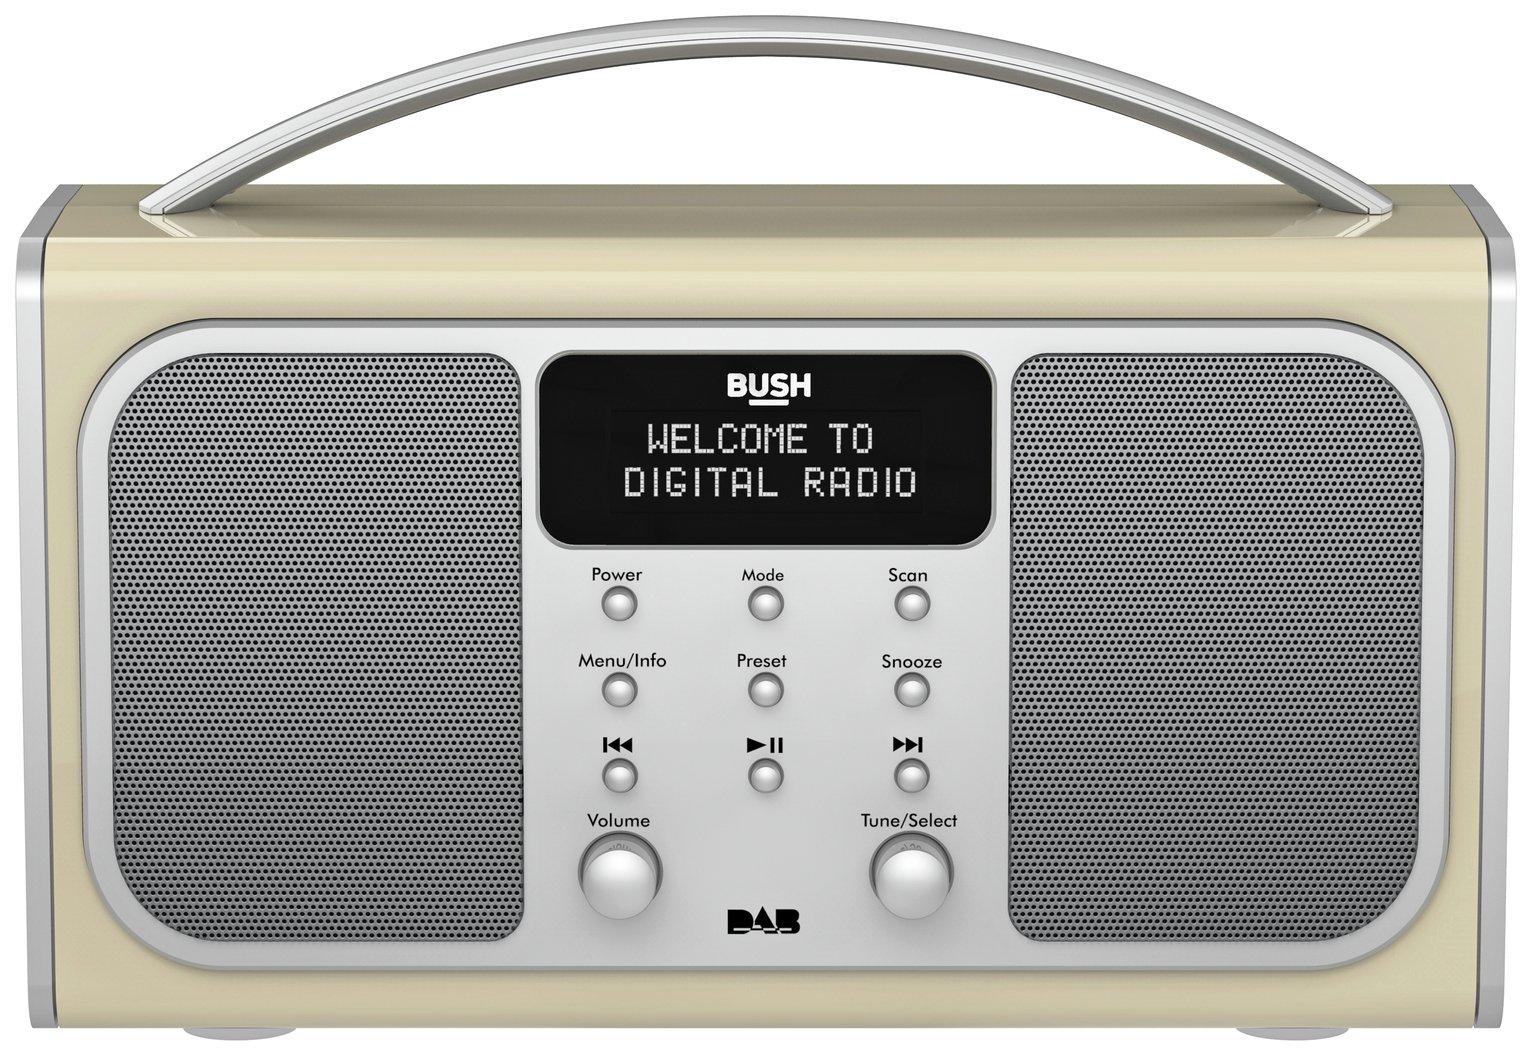 bush dab radio alarm instructions